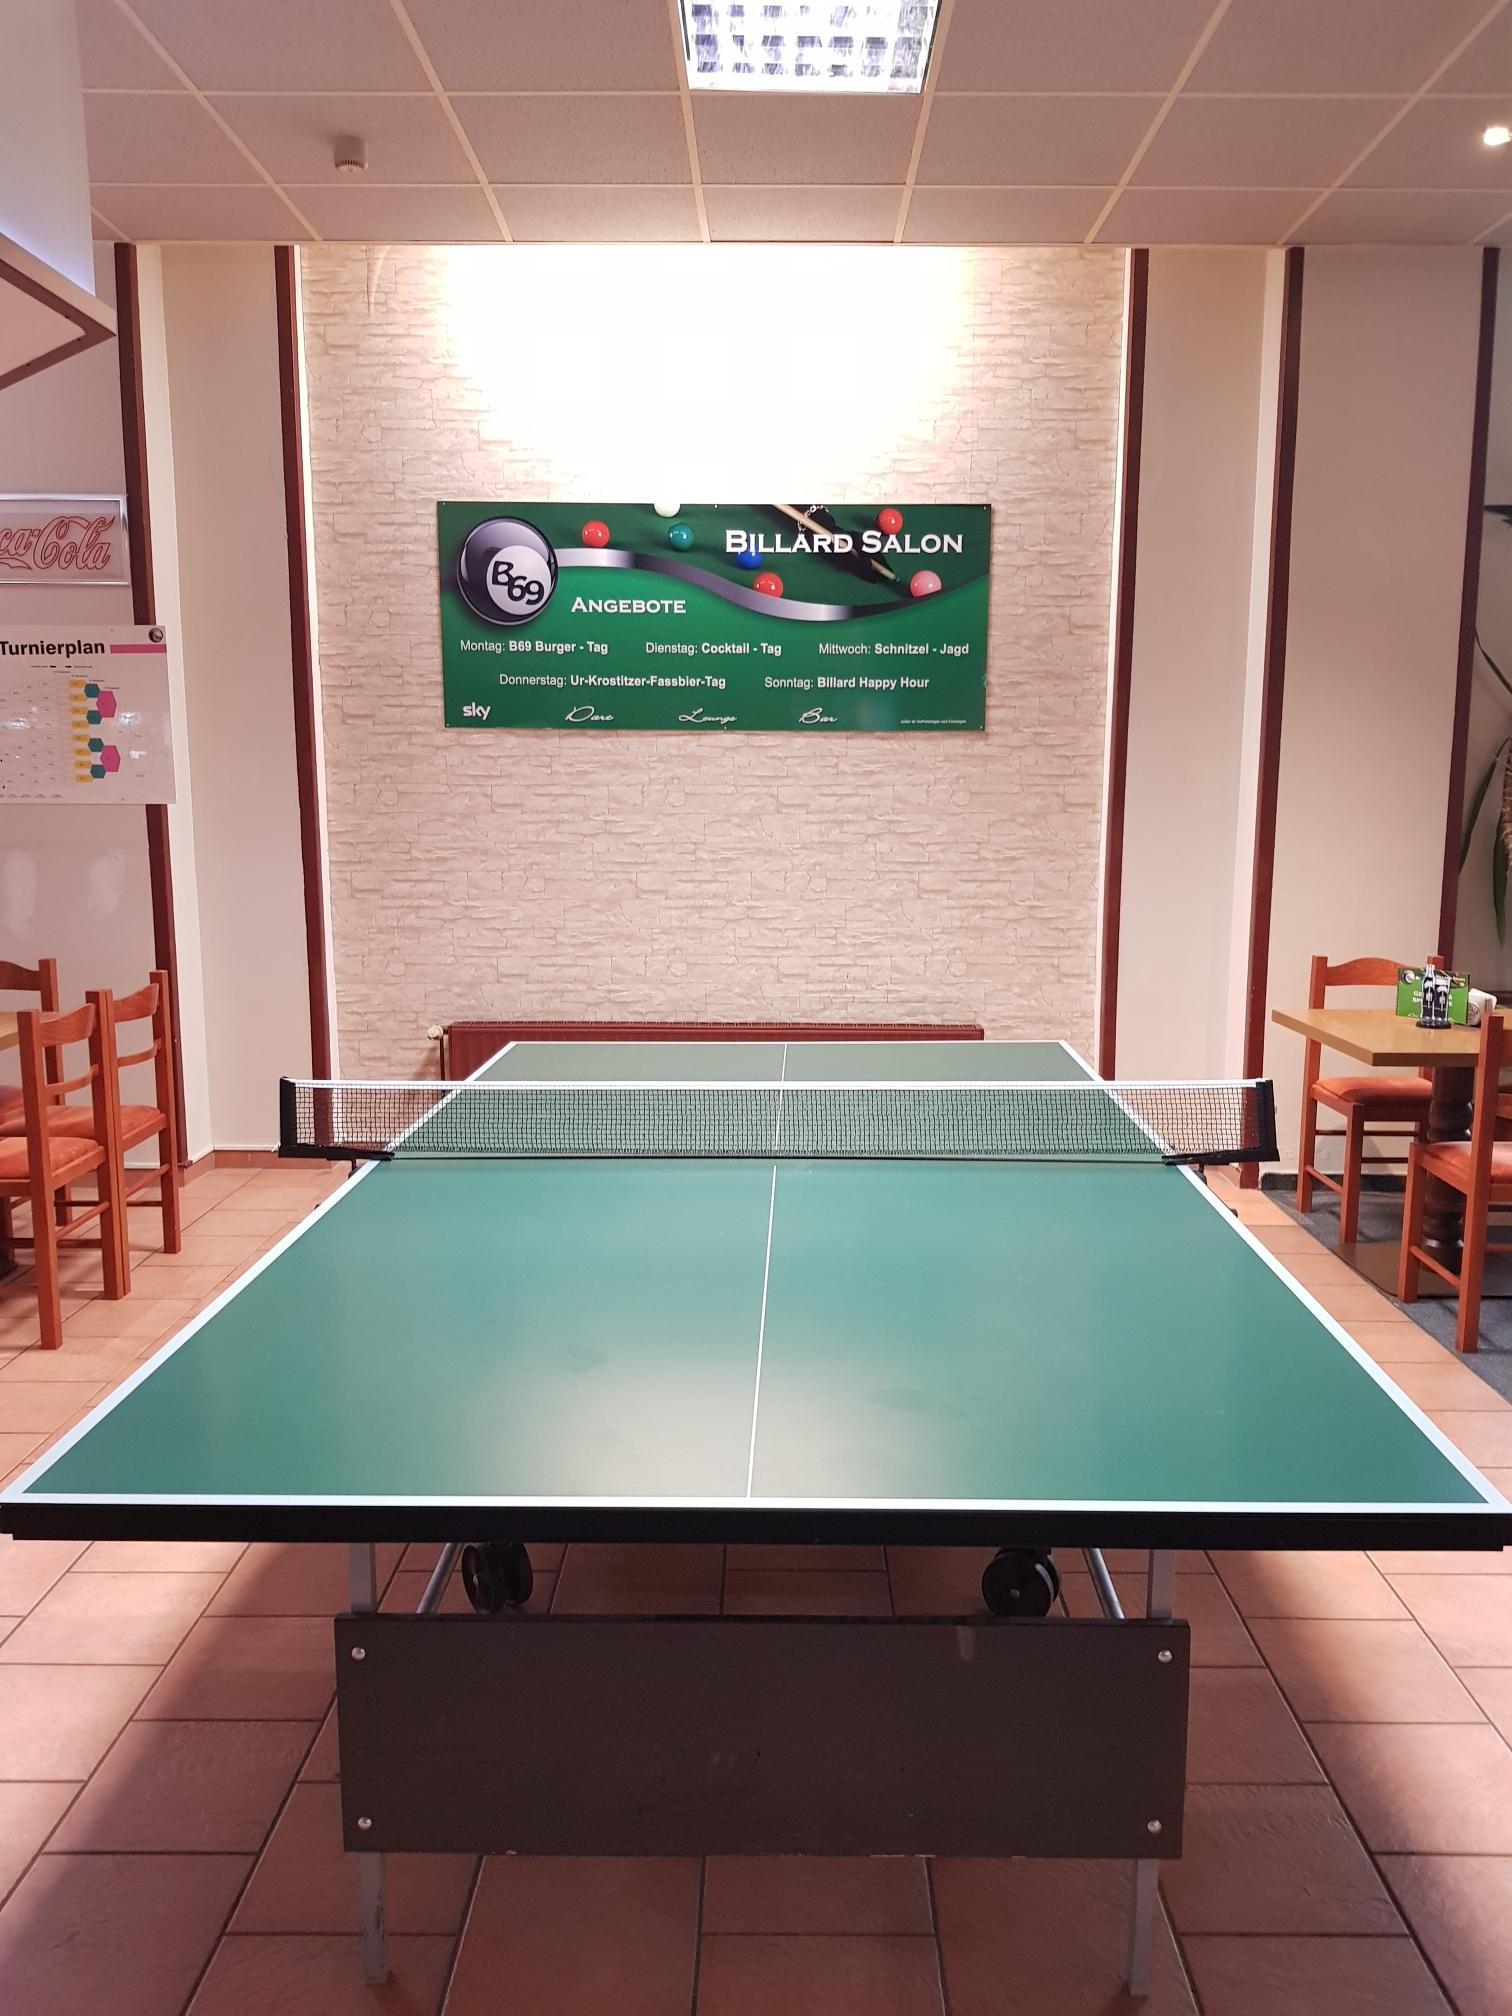 Billard salon b69 in leipzig branchenbuch deutschland for Billard salon